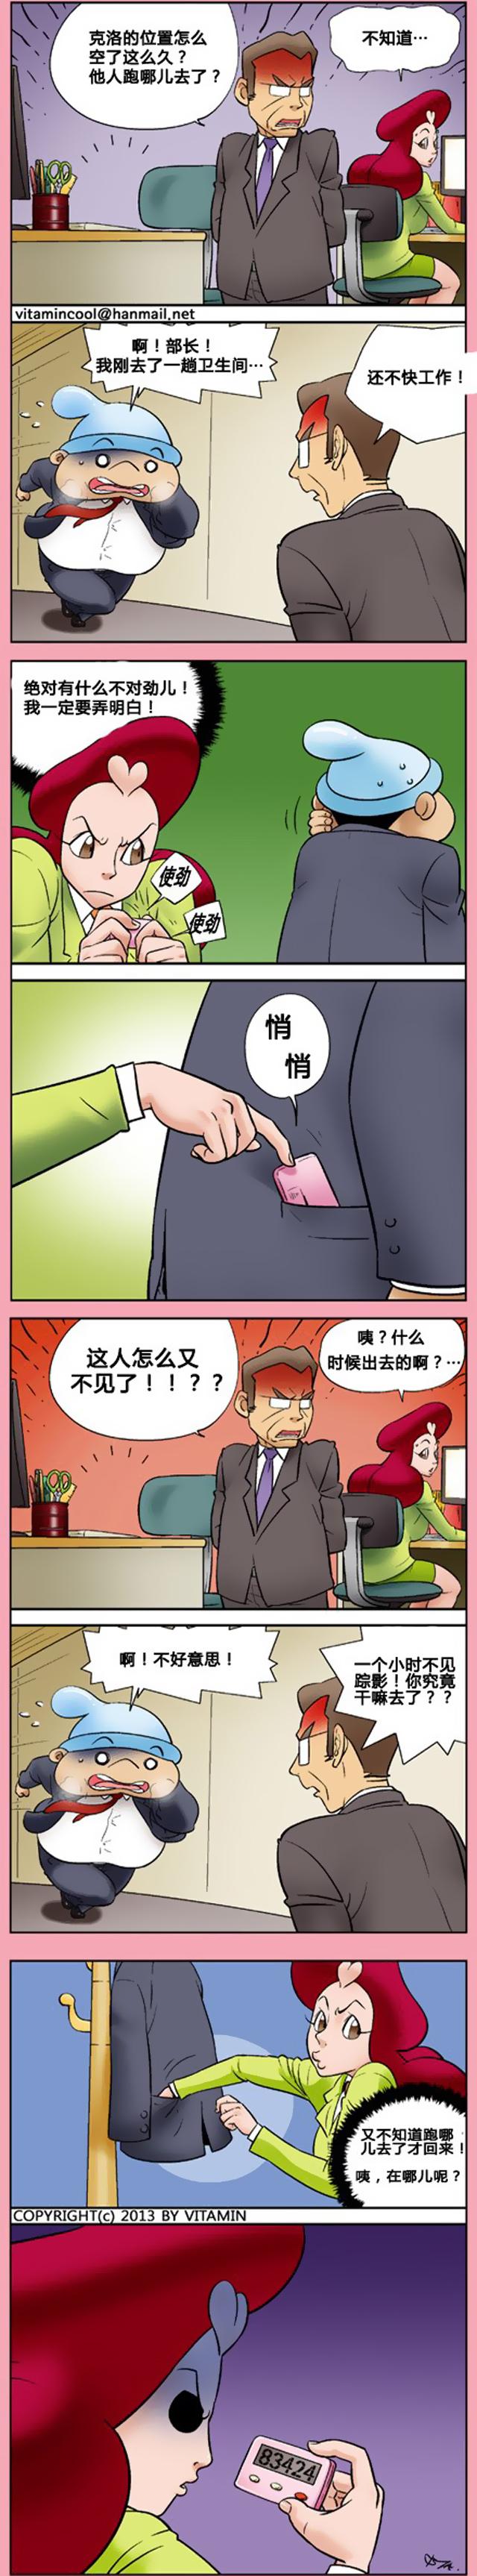 邪恶漫画 野草莓孝道 疑问的数字 偷用魔法扫帚 深夜 h漫画 图3